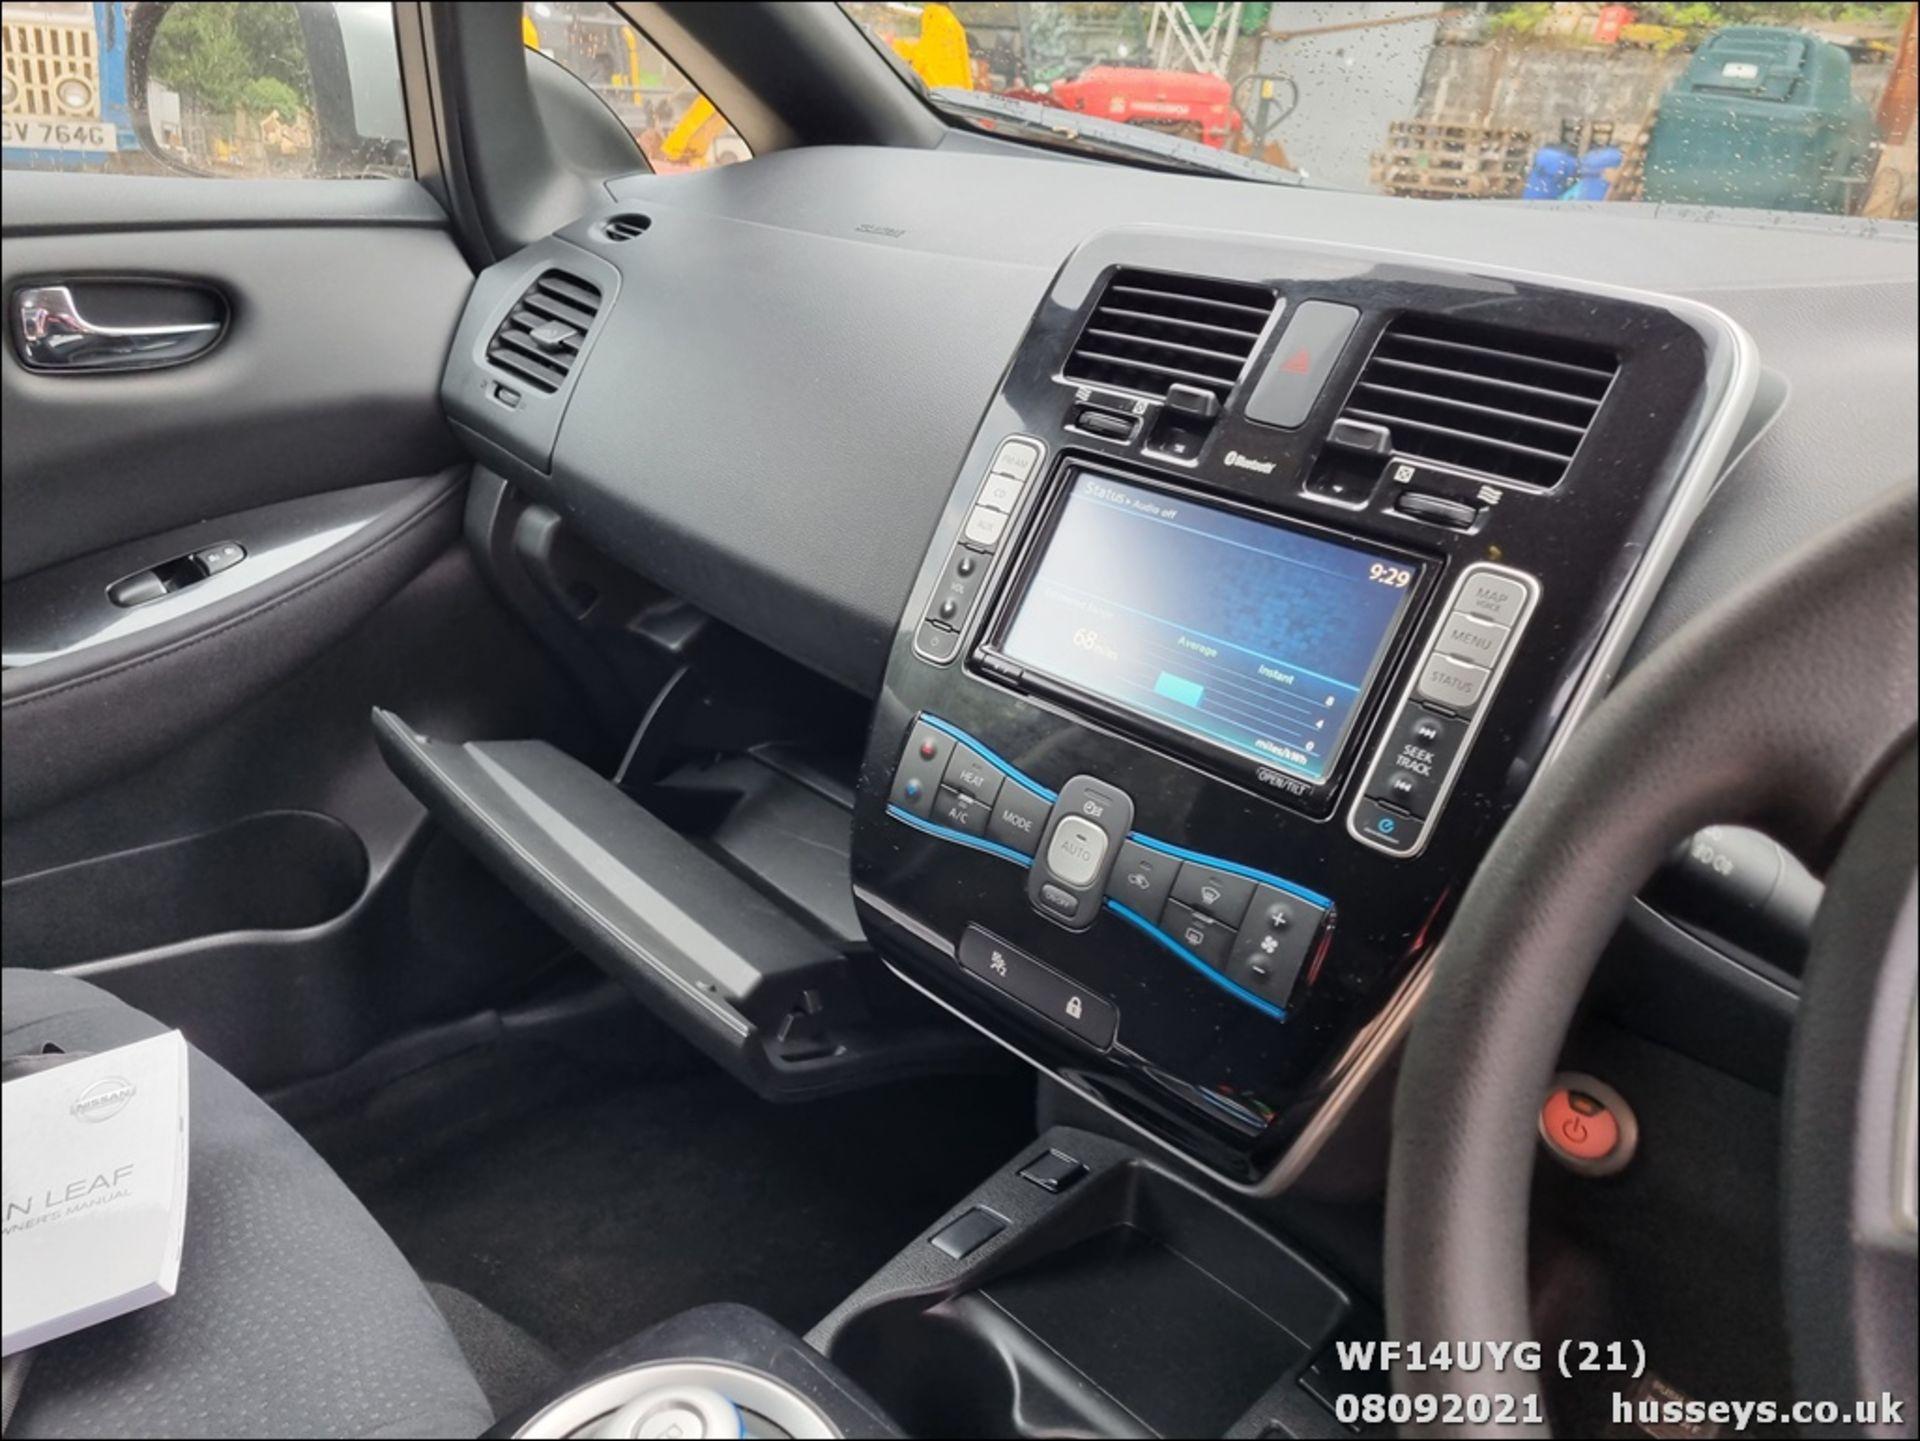 14/14 NISSAN LEAF ACENTA 5dr Hatchback (Silver, 19k) - Image 21 of 26